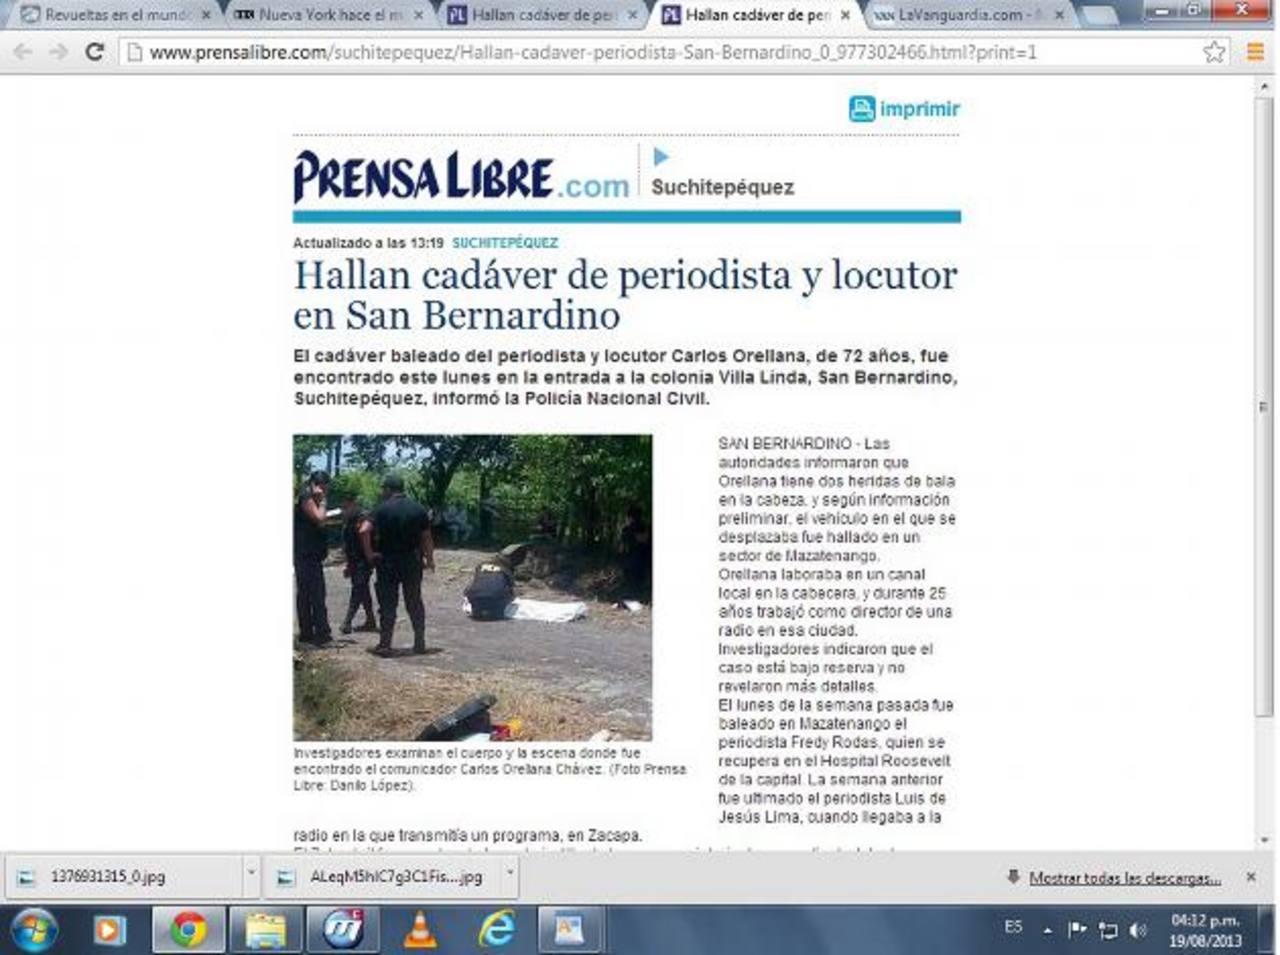 El periodista y locutor Carlos Alberto Orellana Chávez, de 62 años, fue asesinado y su cuerpo localizado ayer en el municipio de San Bernardino, del departamento de Suchitepéquez. foto edh / internet